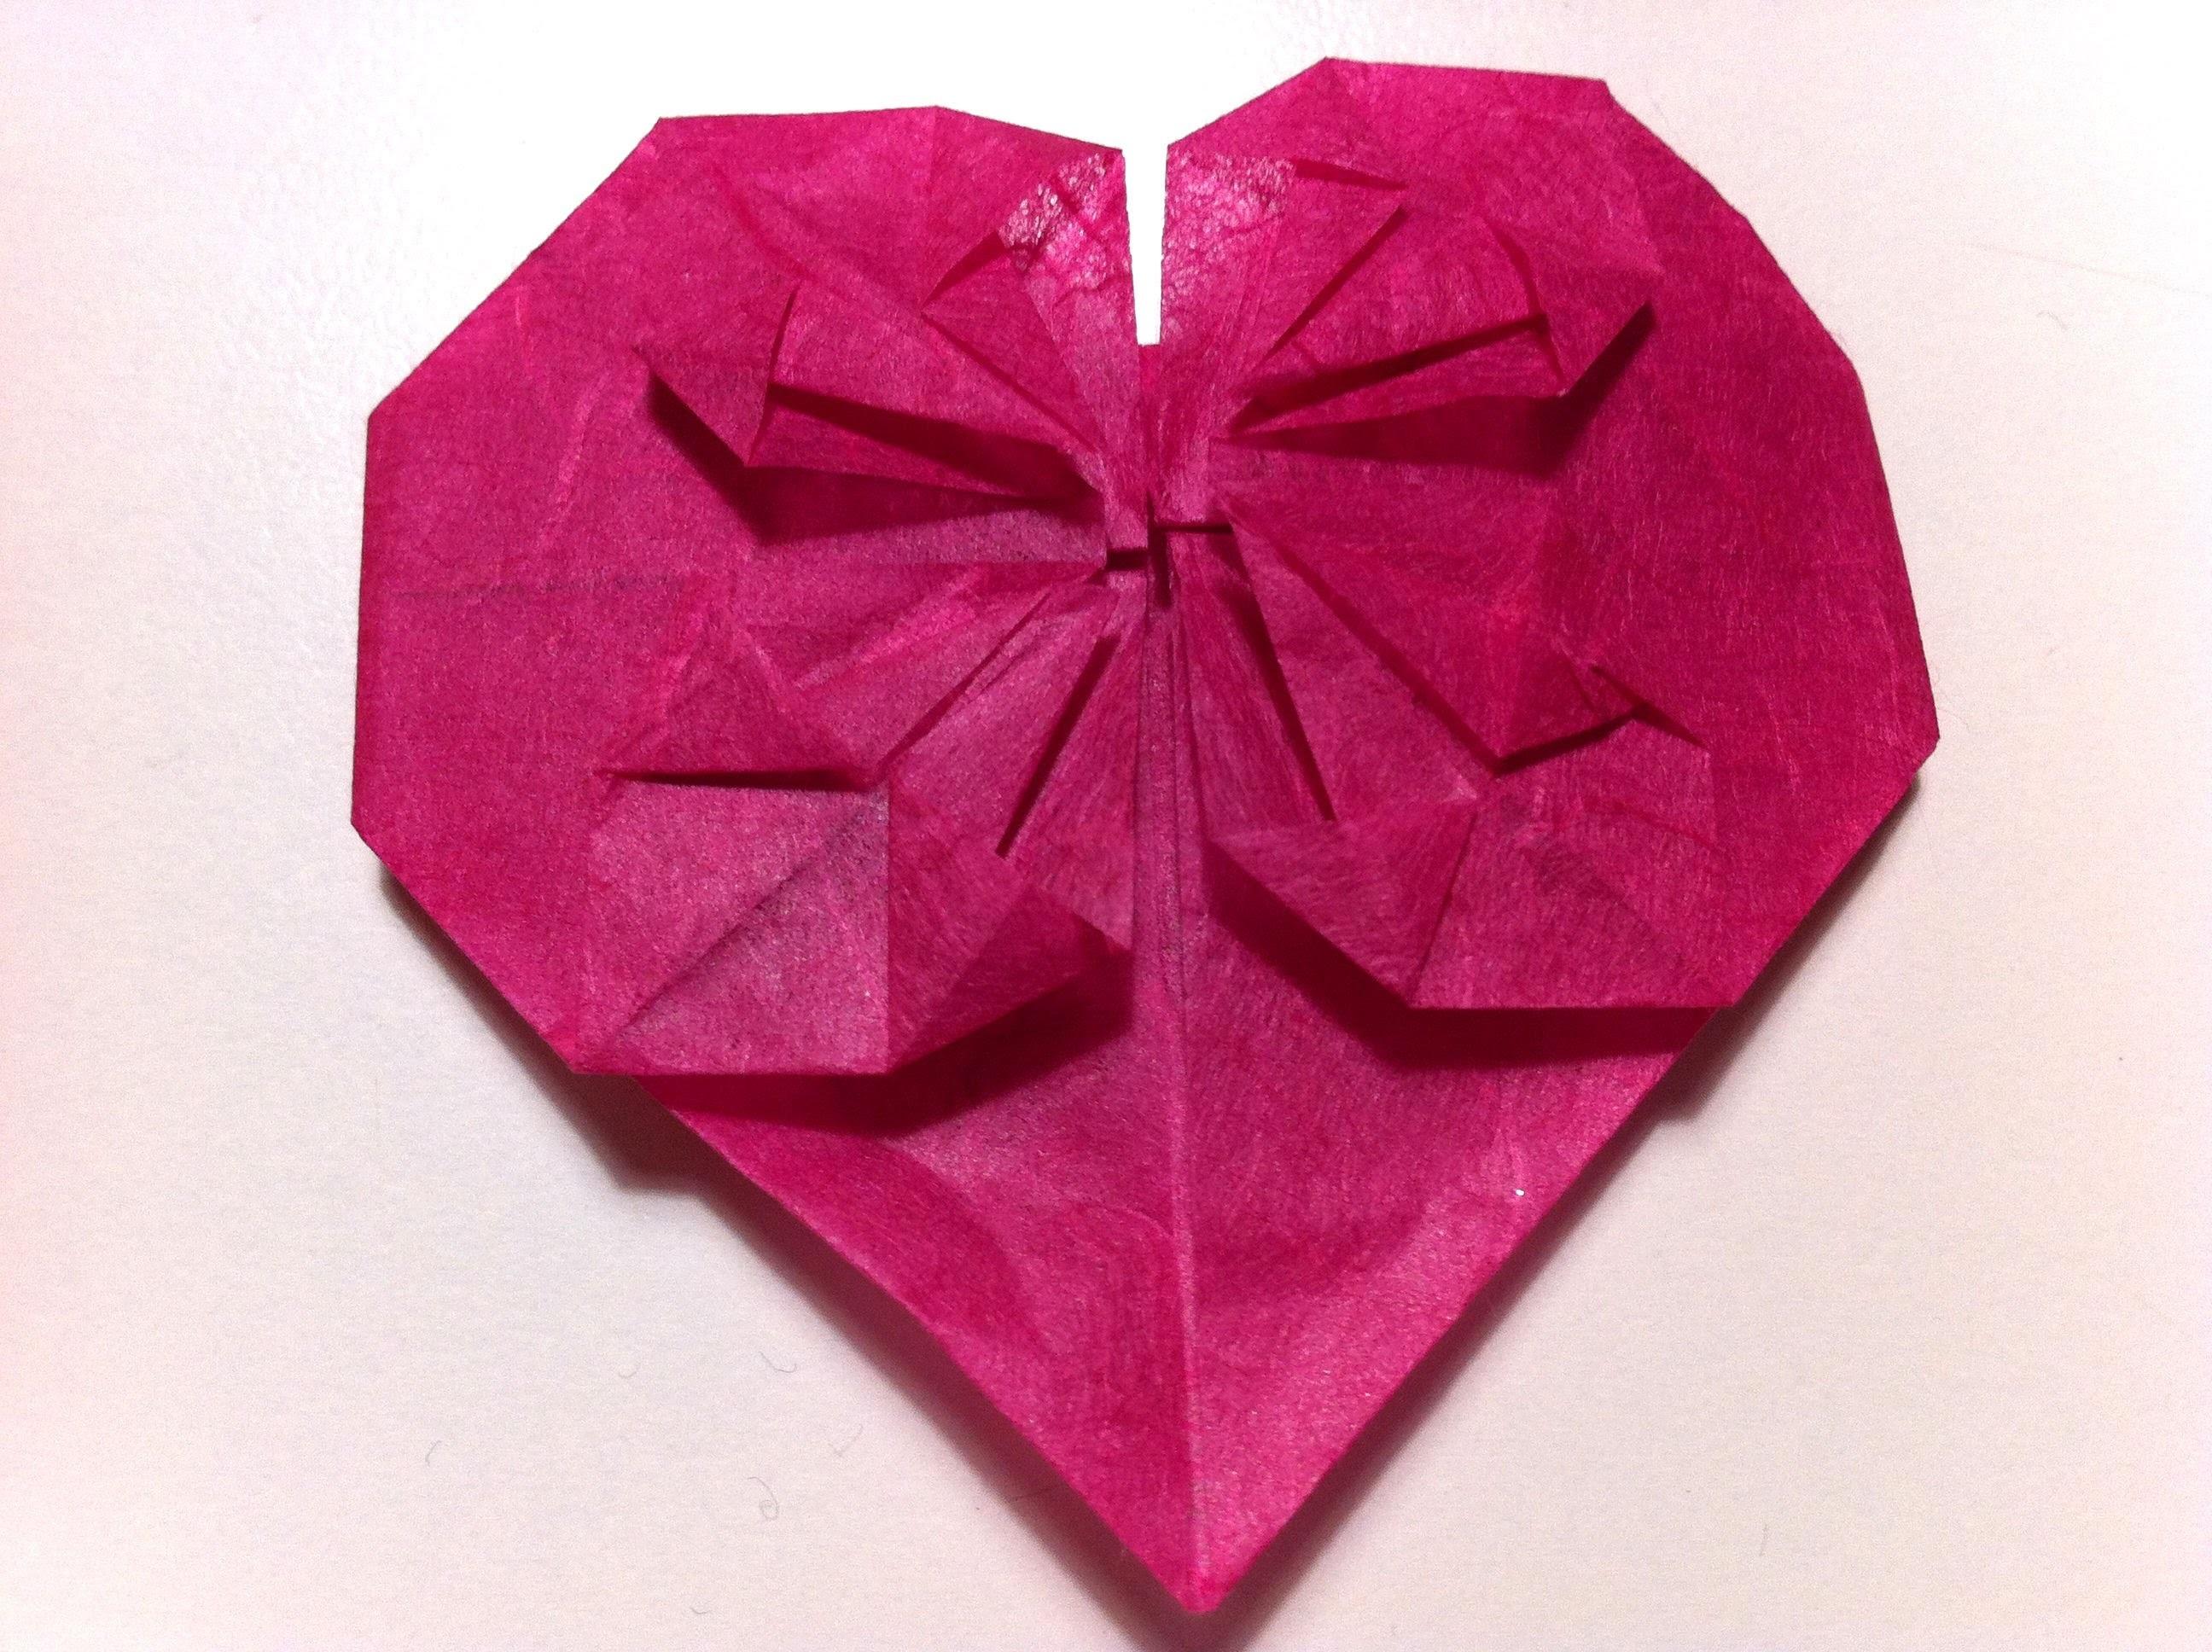 Cuori Origami 2 per San Valentino_Tutorial Musinlove.wmv